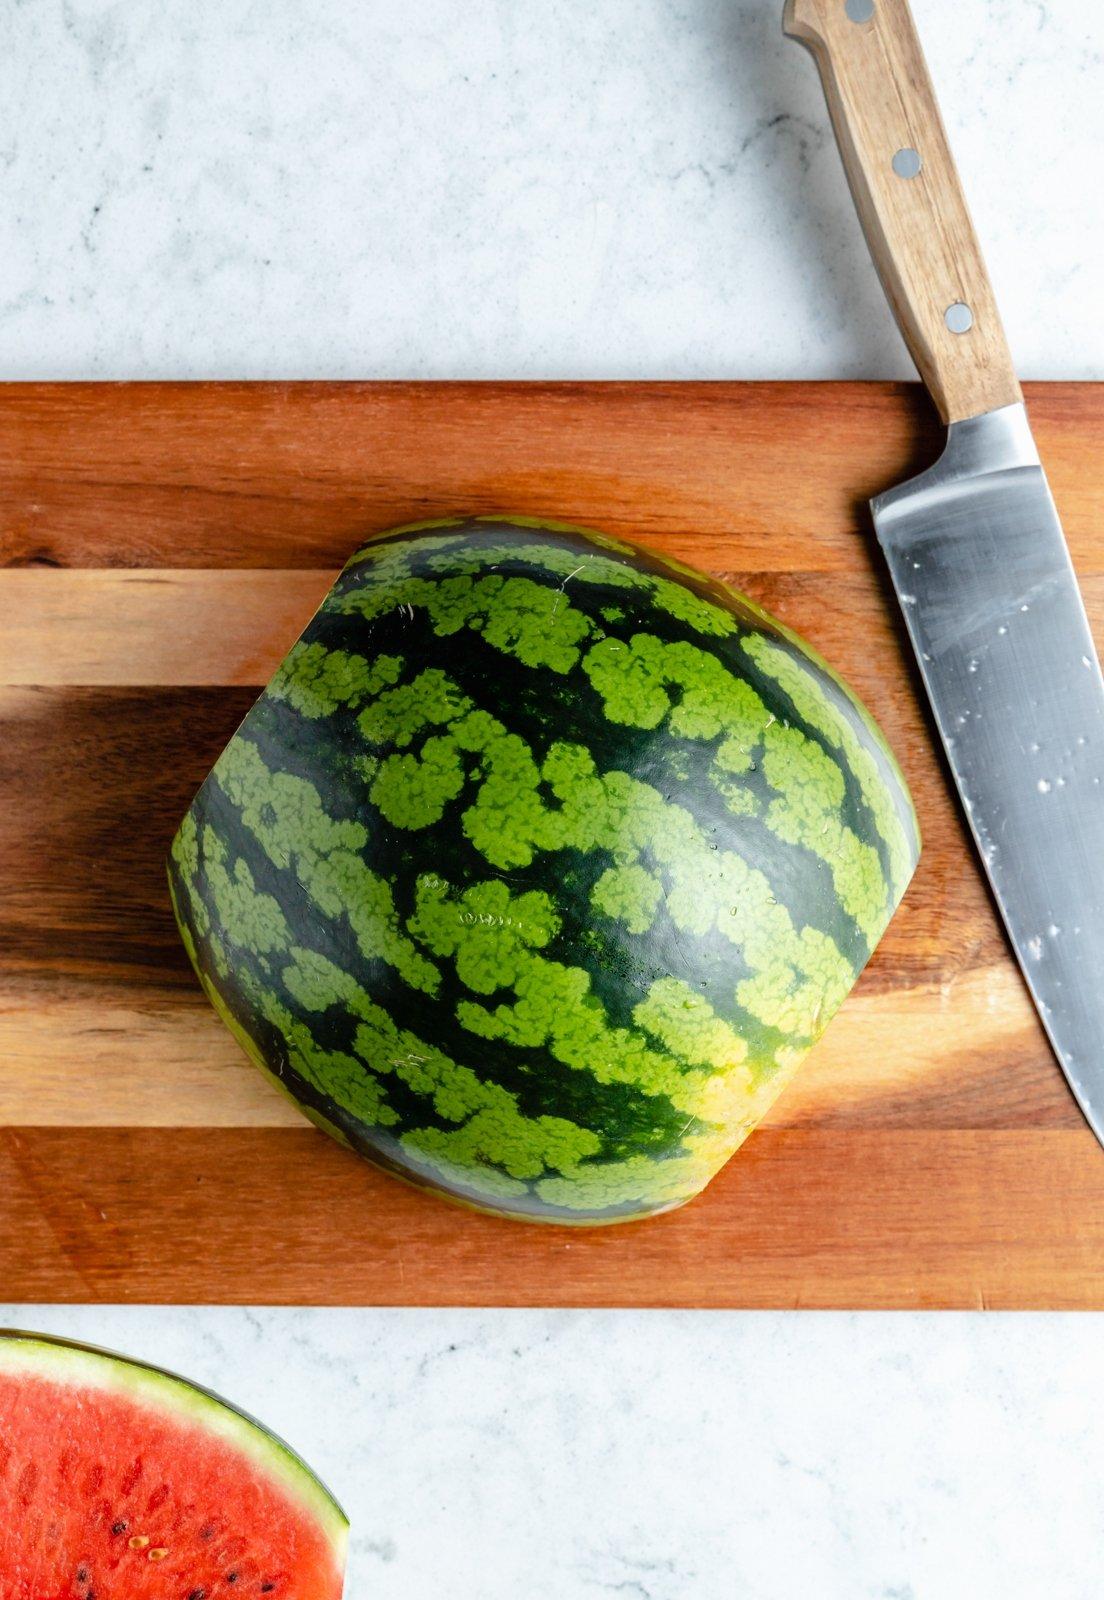 watermelon half on a cutting board